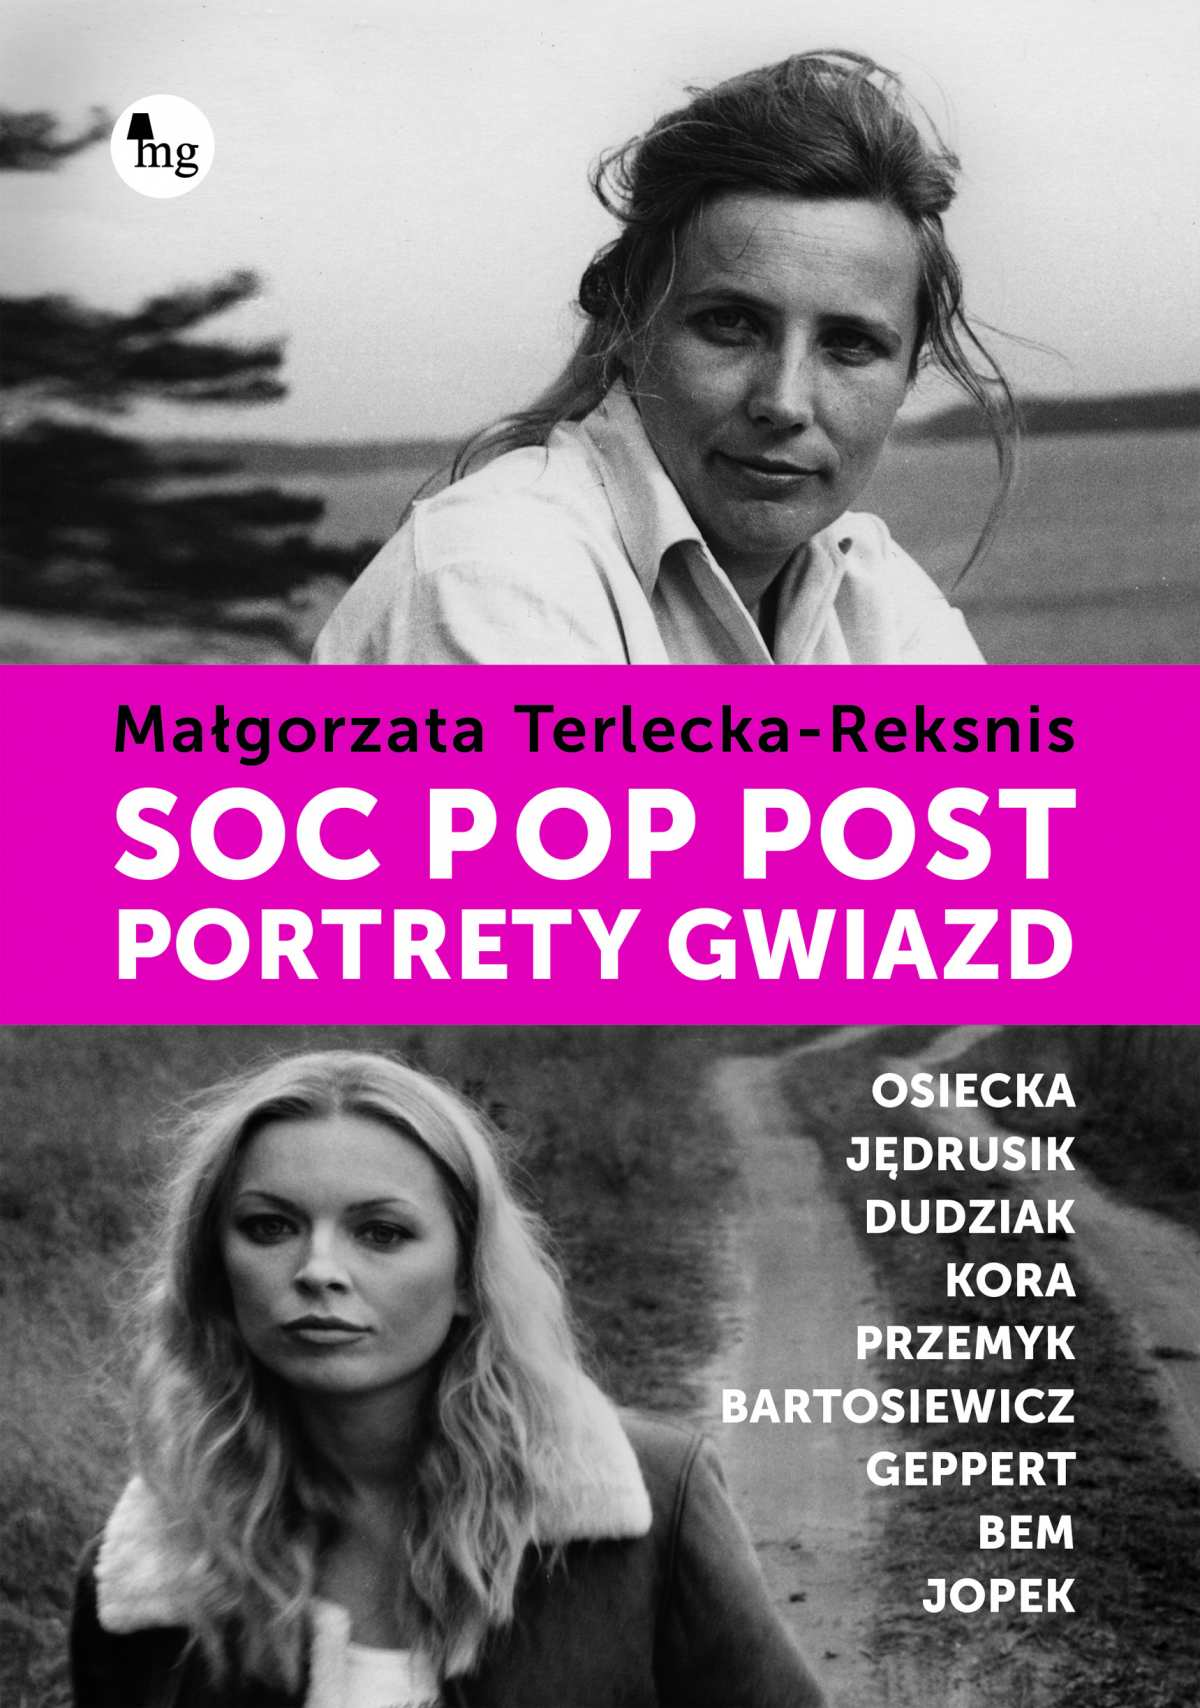 Soc, pop, post. Portrety gwiazd - Ebook (Książka EPUB) do pobrania w formacie EPUB